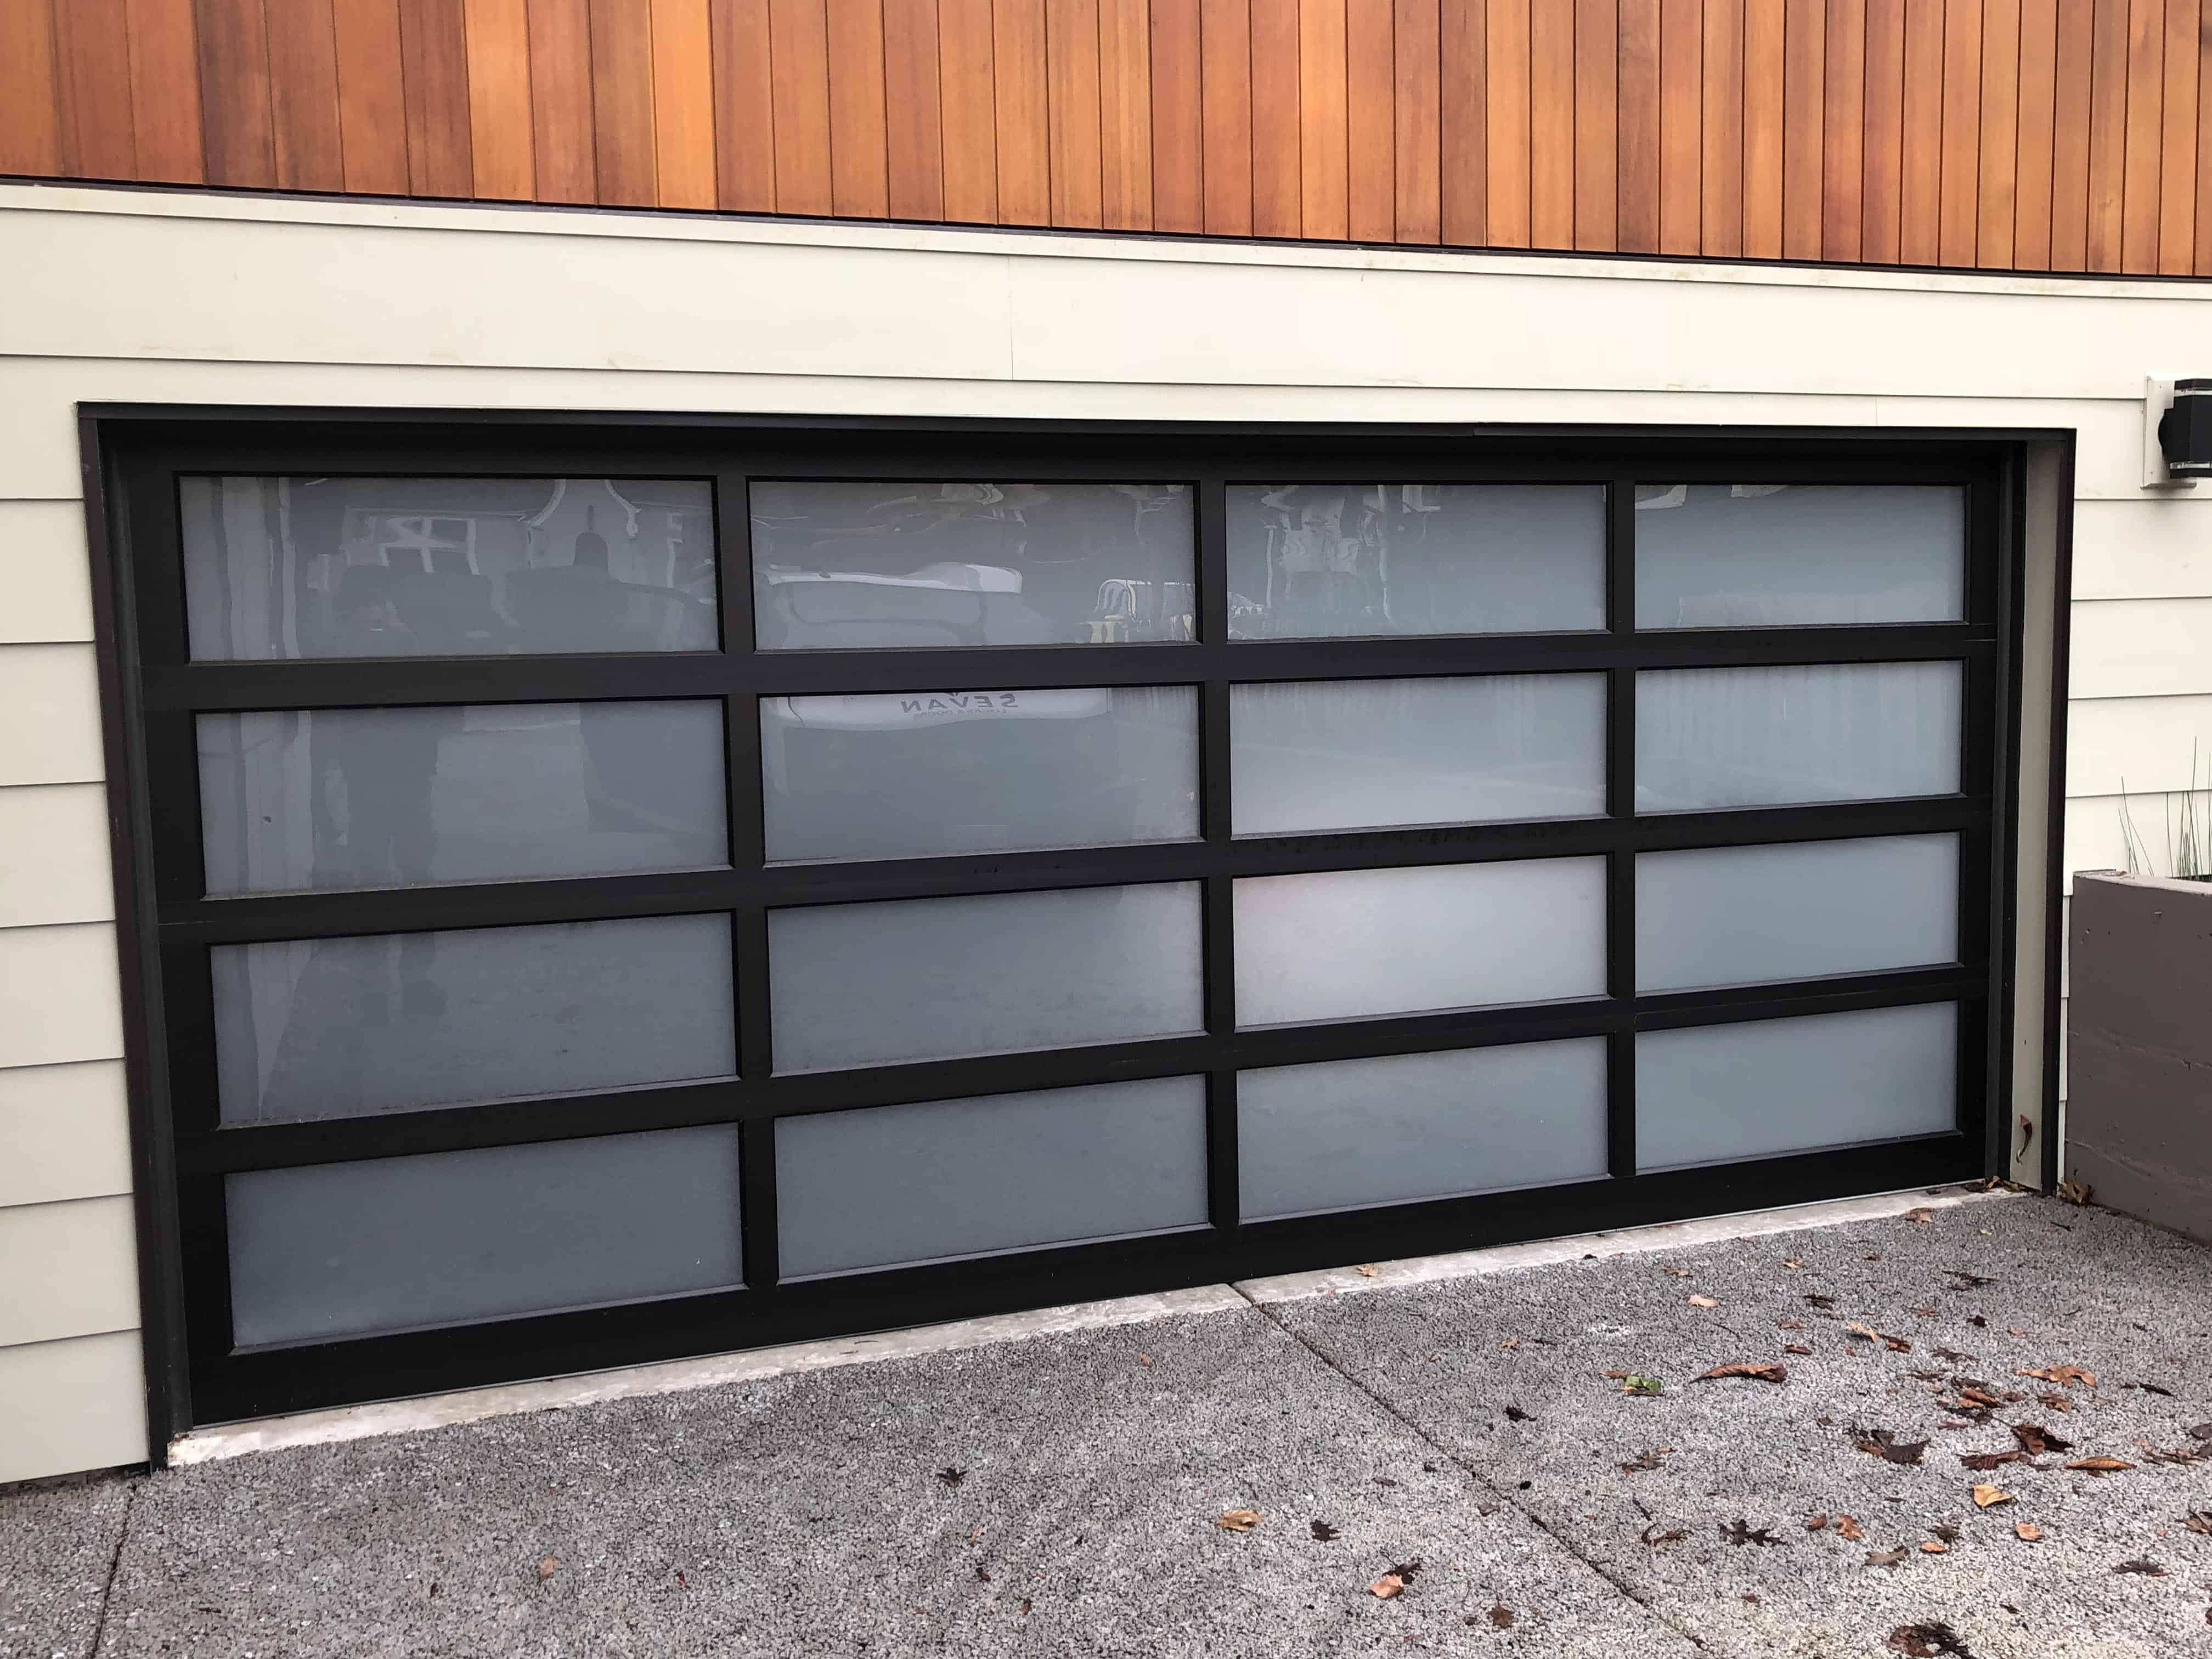 to master wood program access size of decor from adora garage outdoor inside door metal opener paint doors full lock pretty clicker how